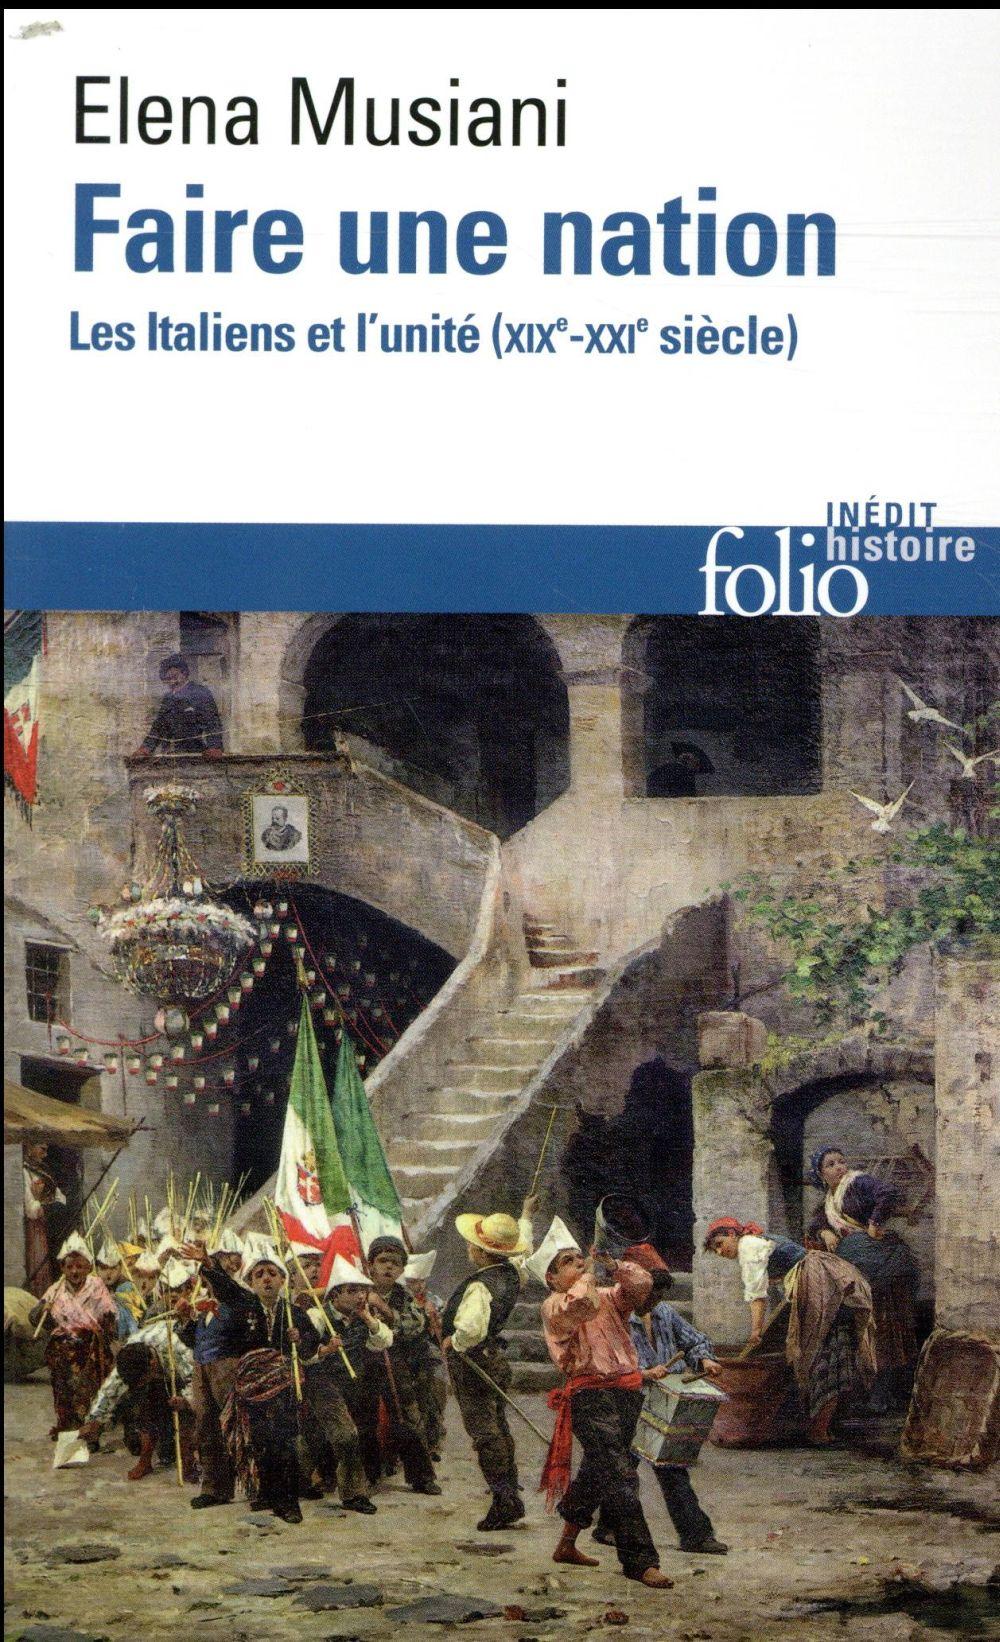 FAIRE UNE NATION     LES ITALIENS ET L'UNITE (XIXE XXE SIECLE)